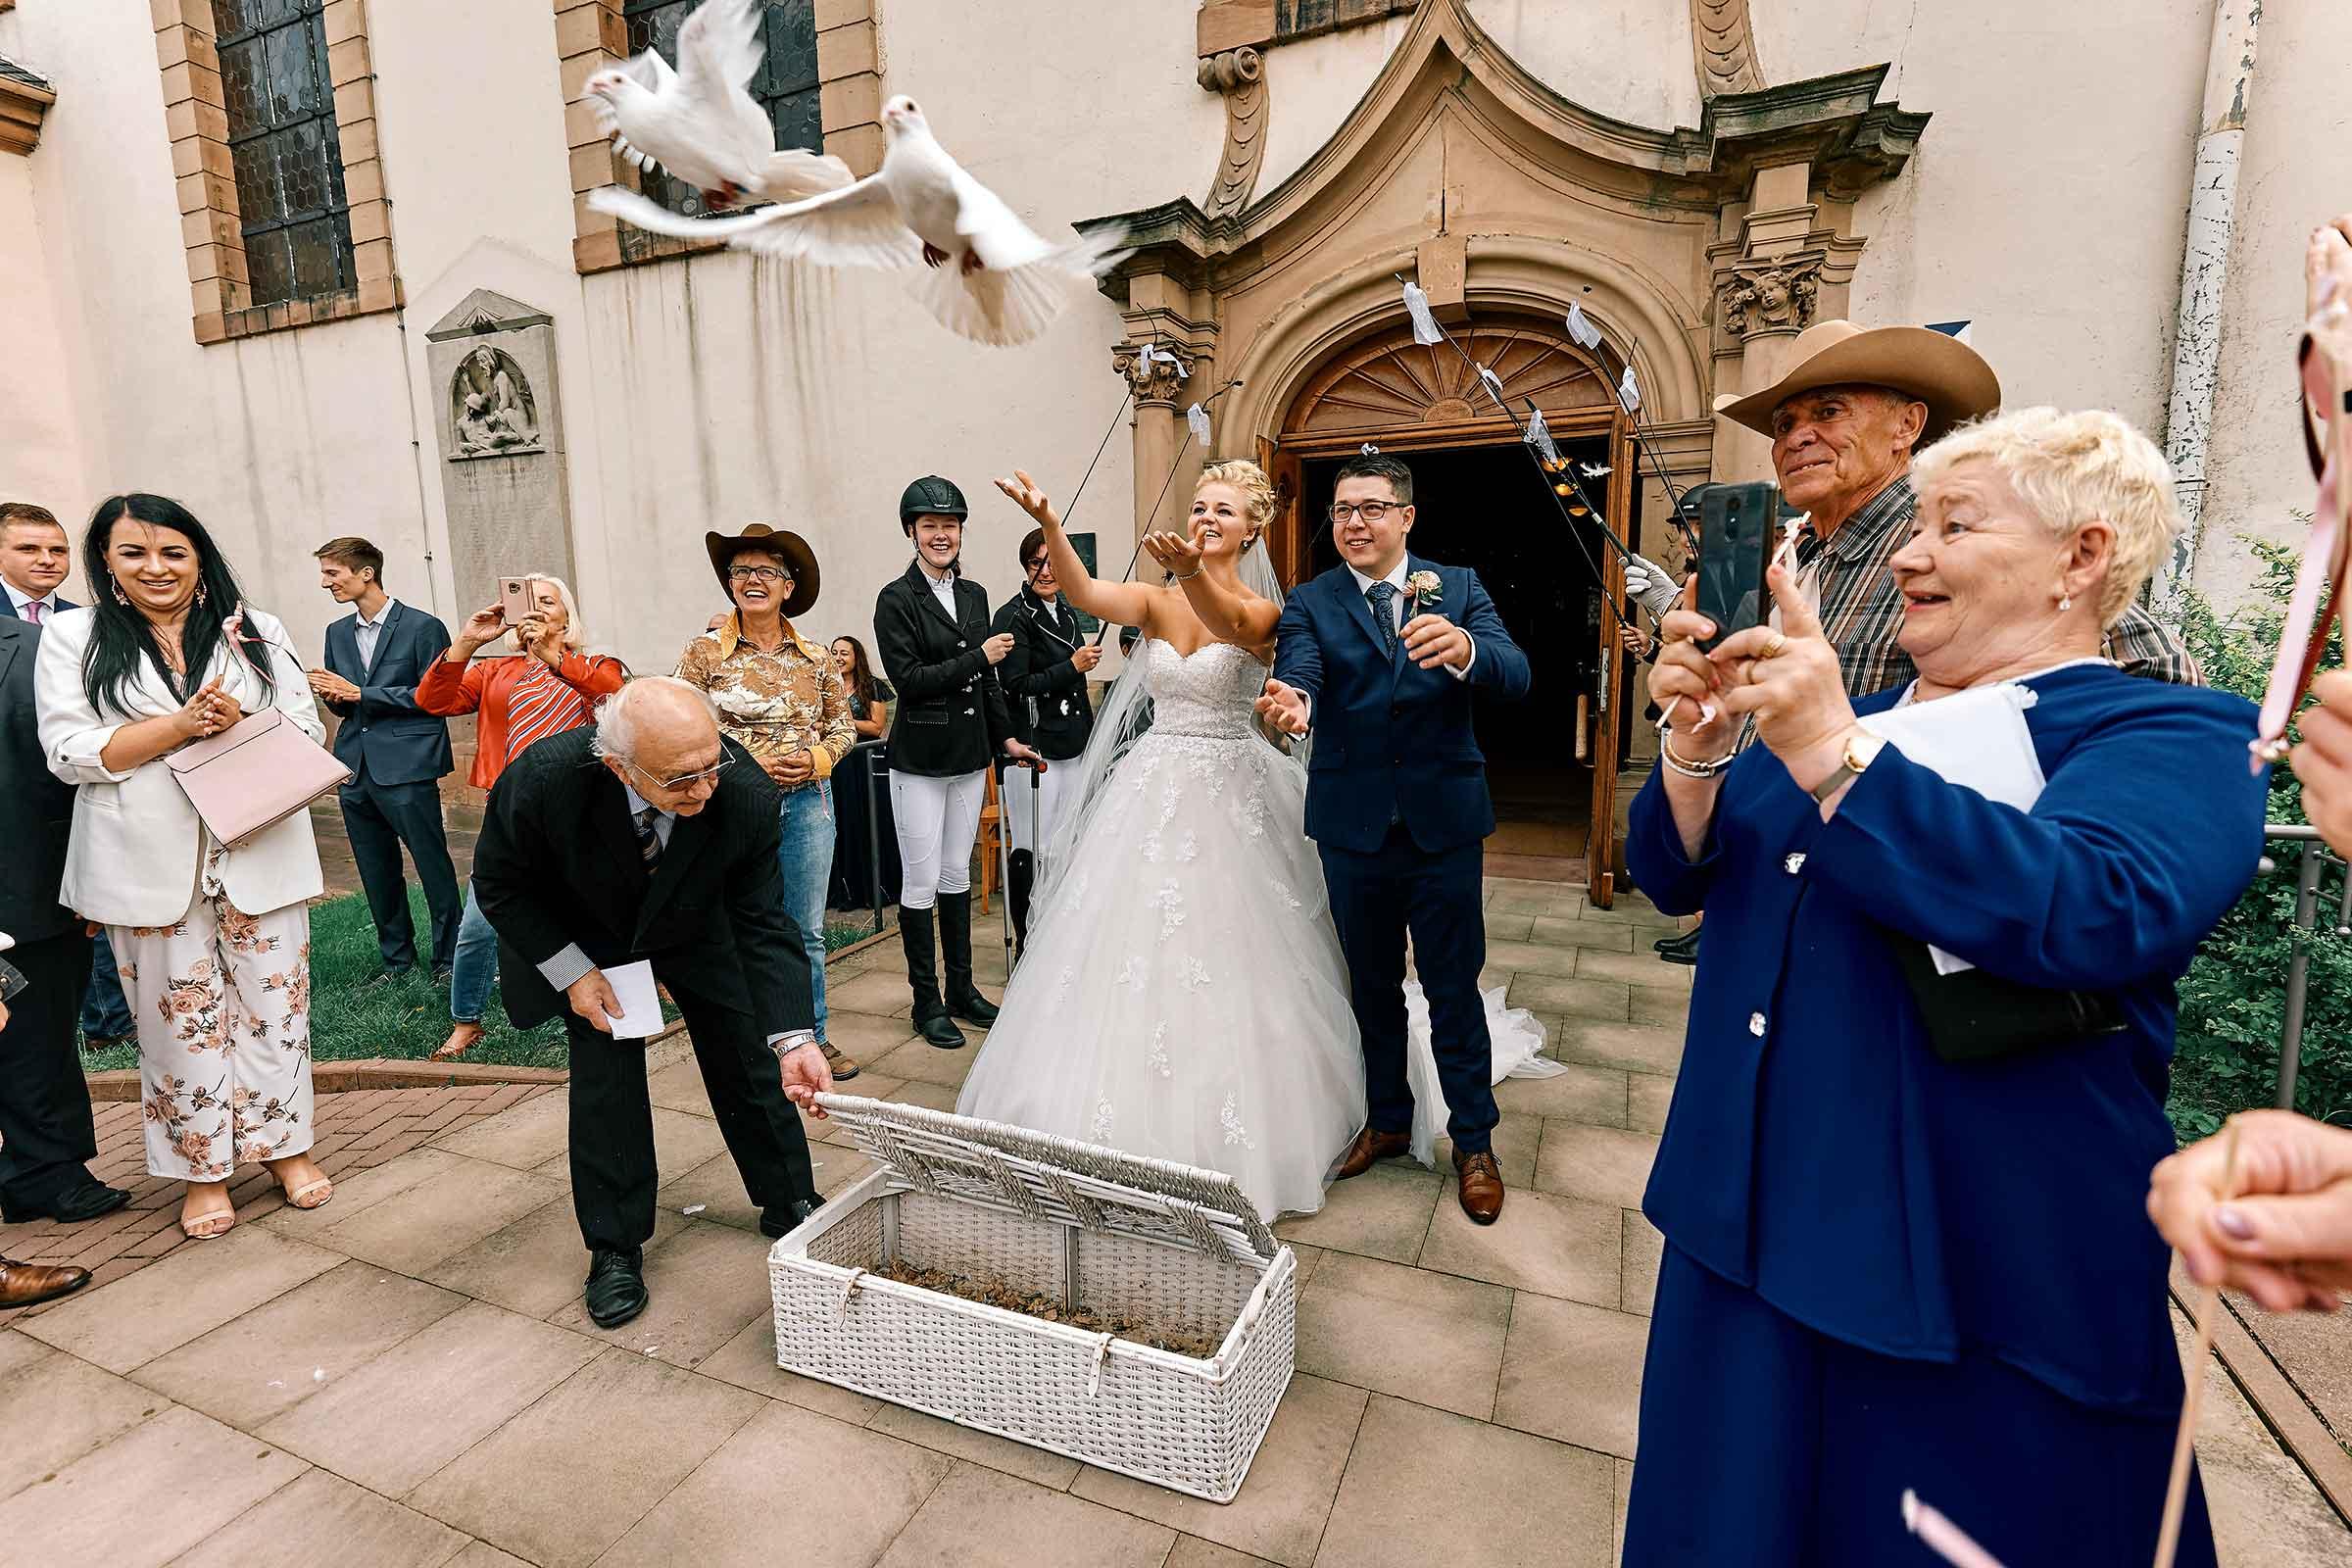 Eine Deutsch-Polnische Hochzeit in der Pfalz-Das Brautpaar lässt Tauben fliegen nach ihrer Trauung.